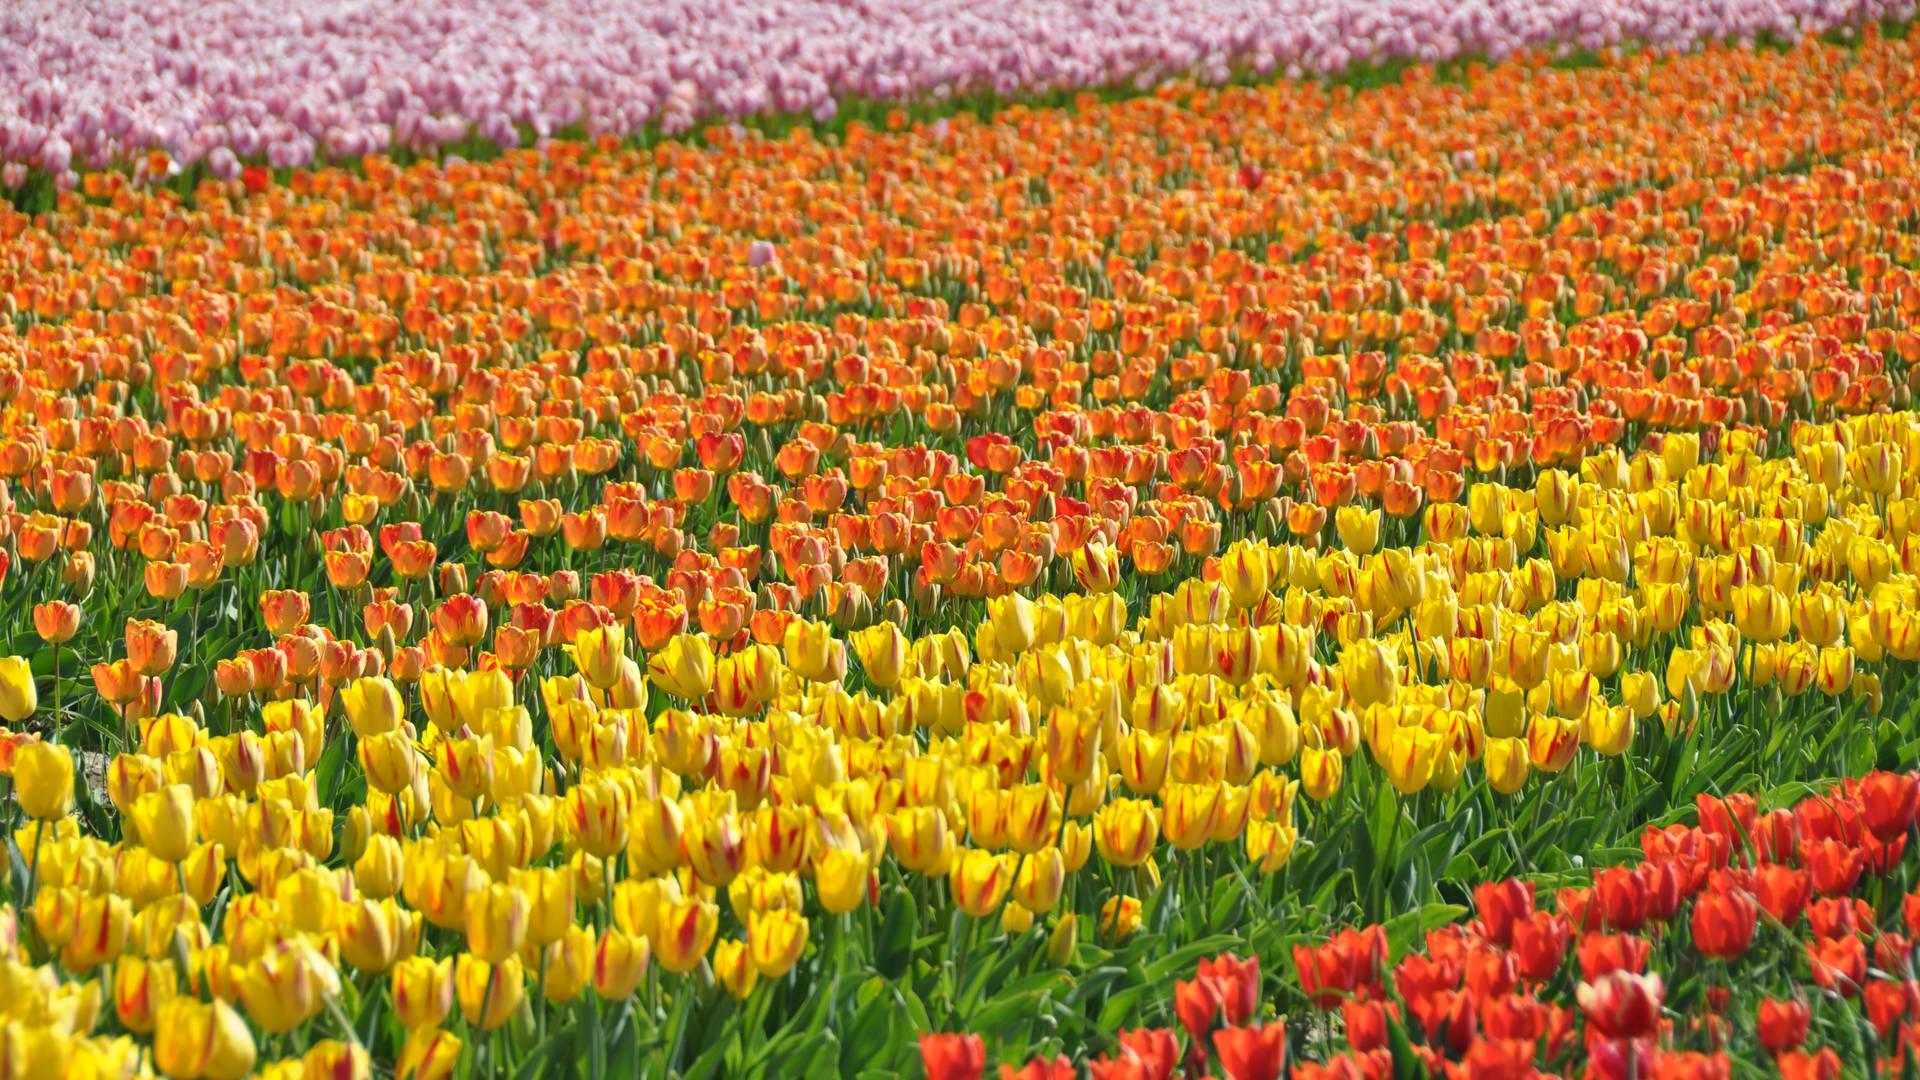 Fête des fleurs - Tulipes